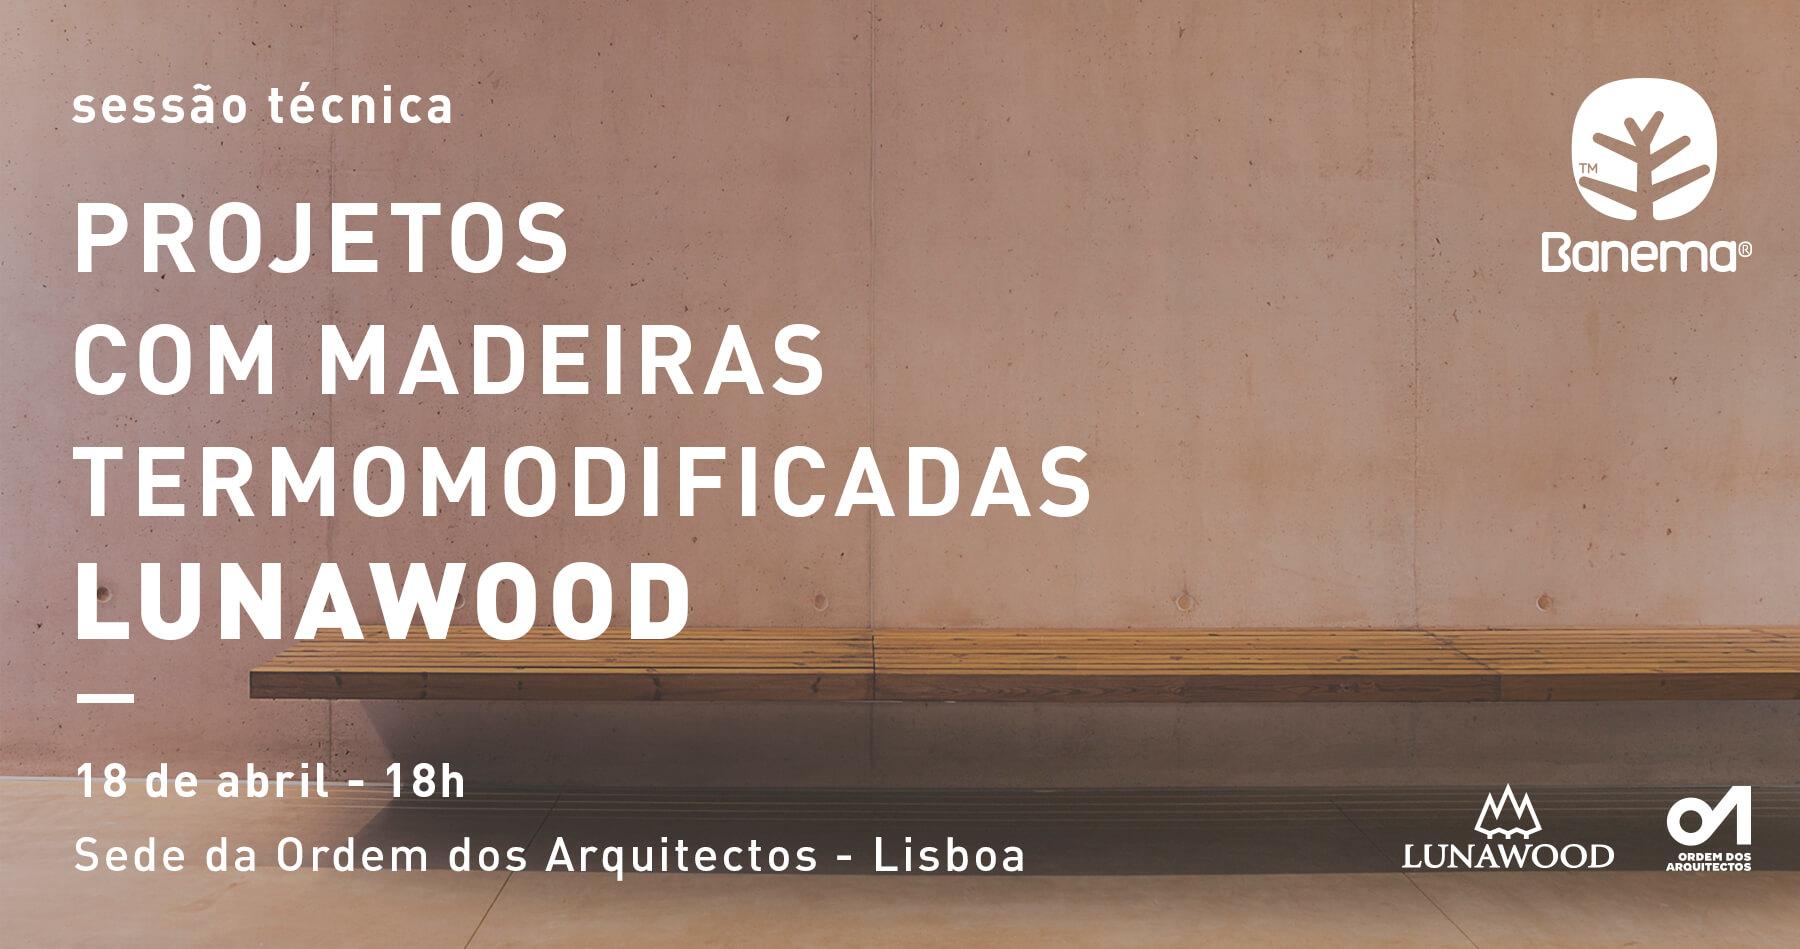 Sessão Técnica: Projetos com madeiras termomodificadas Lunawood®